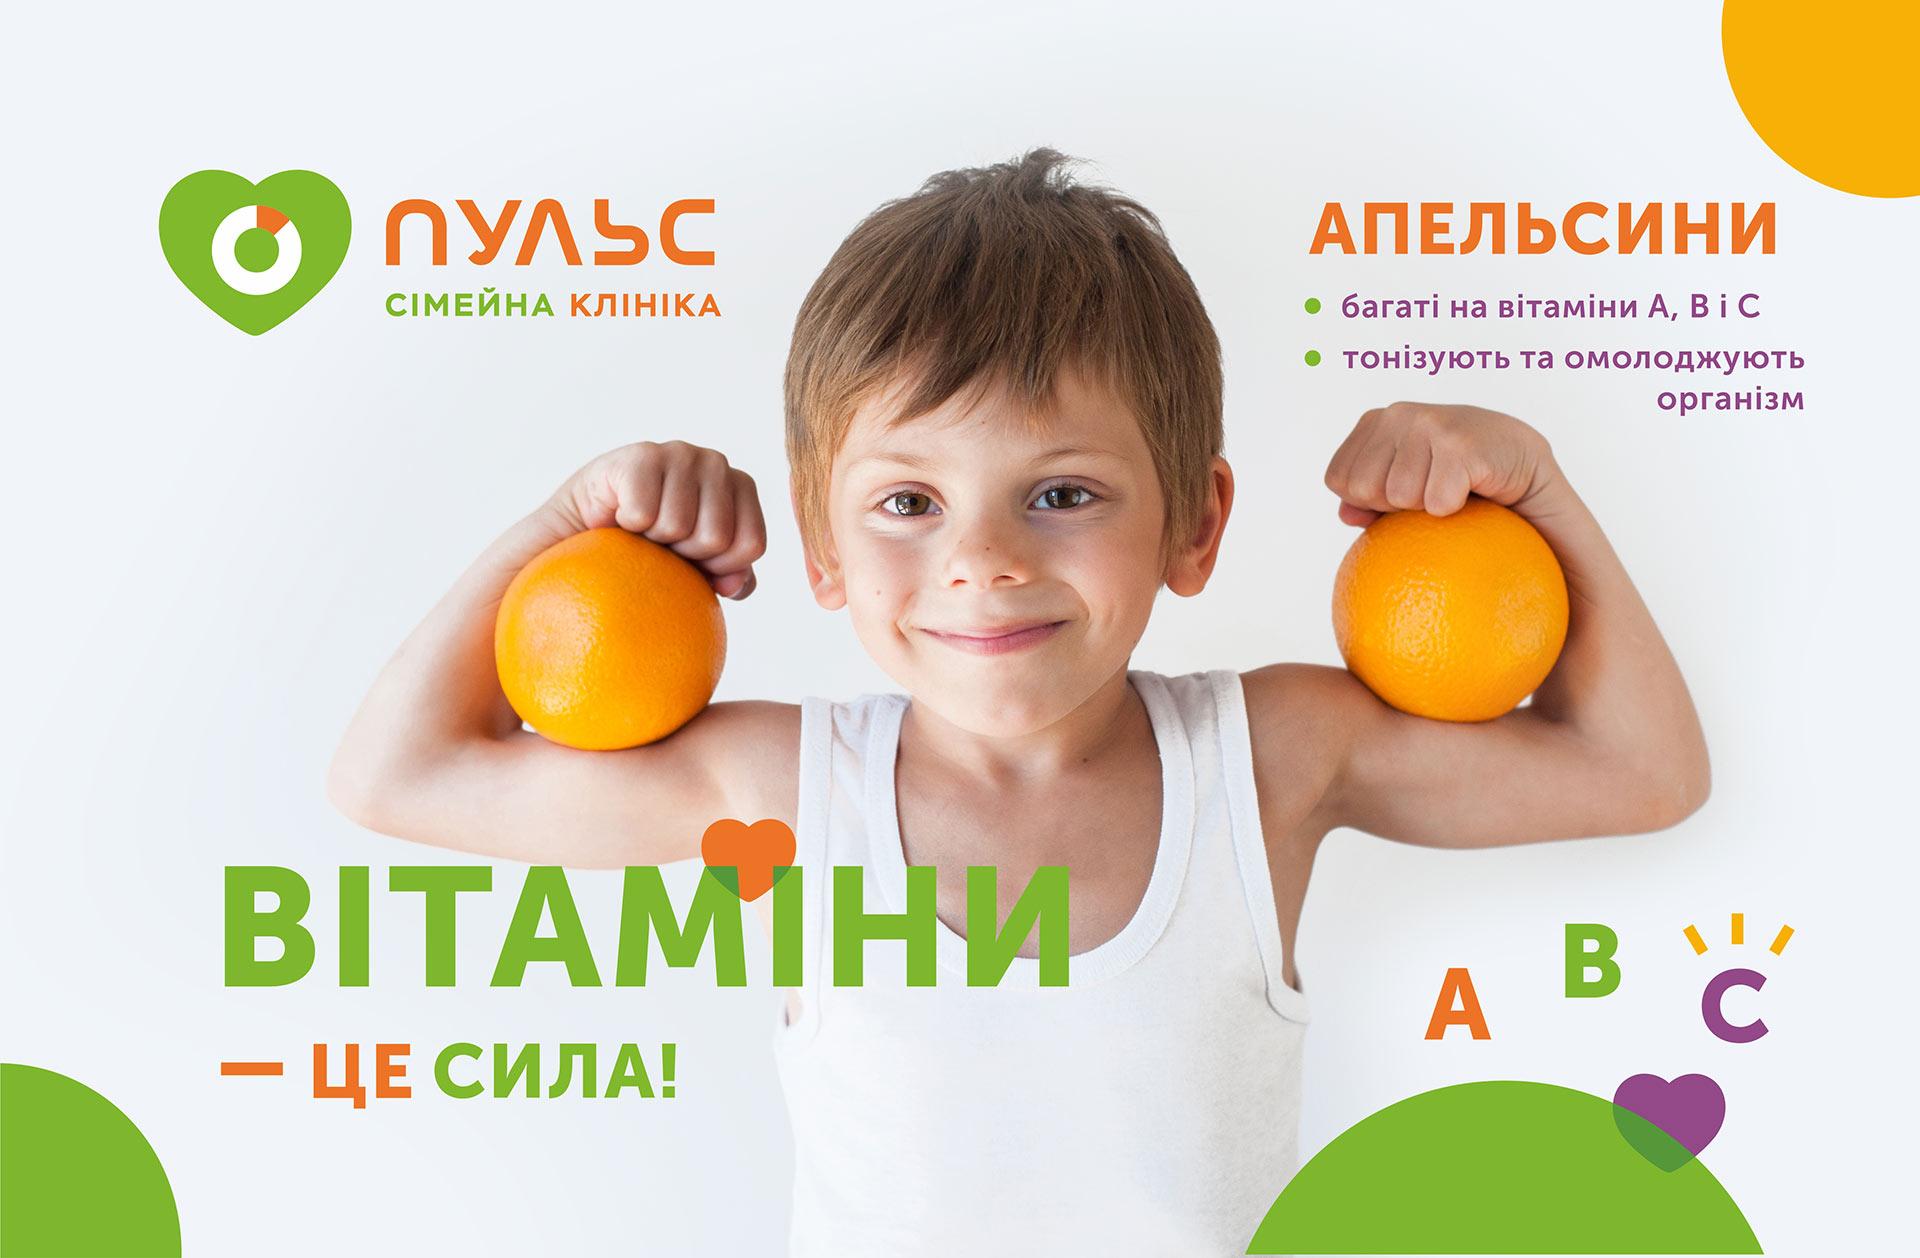 медицинский постер про витамины